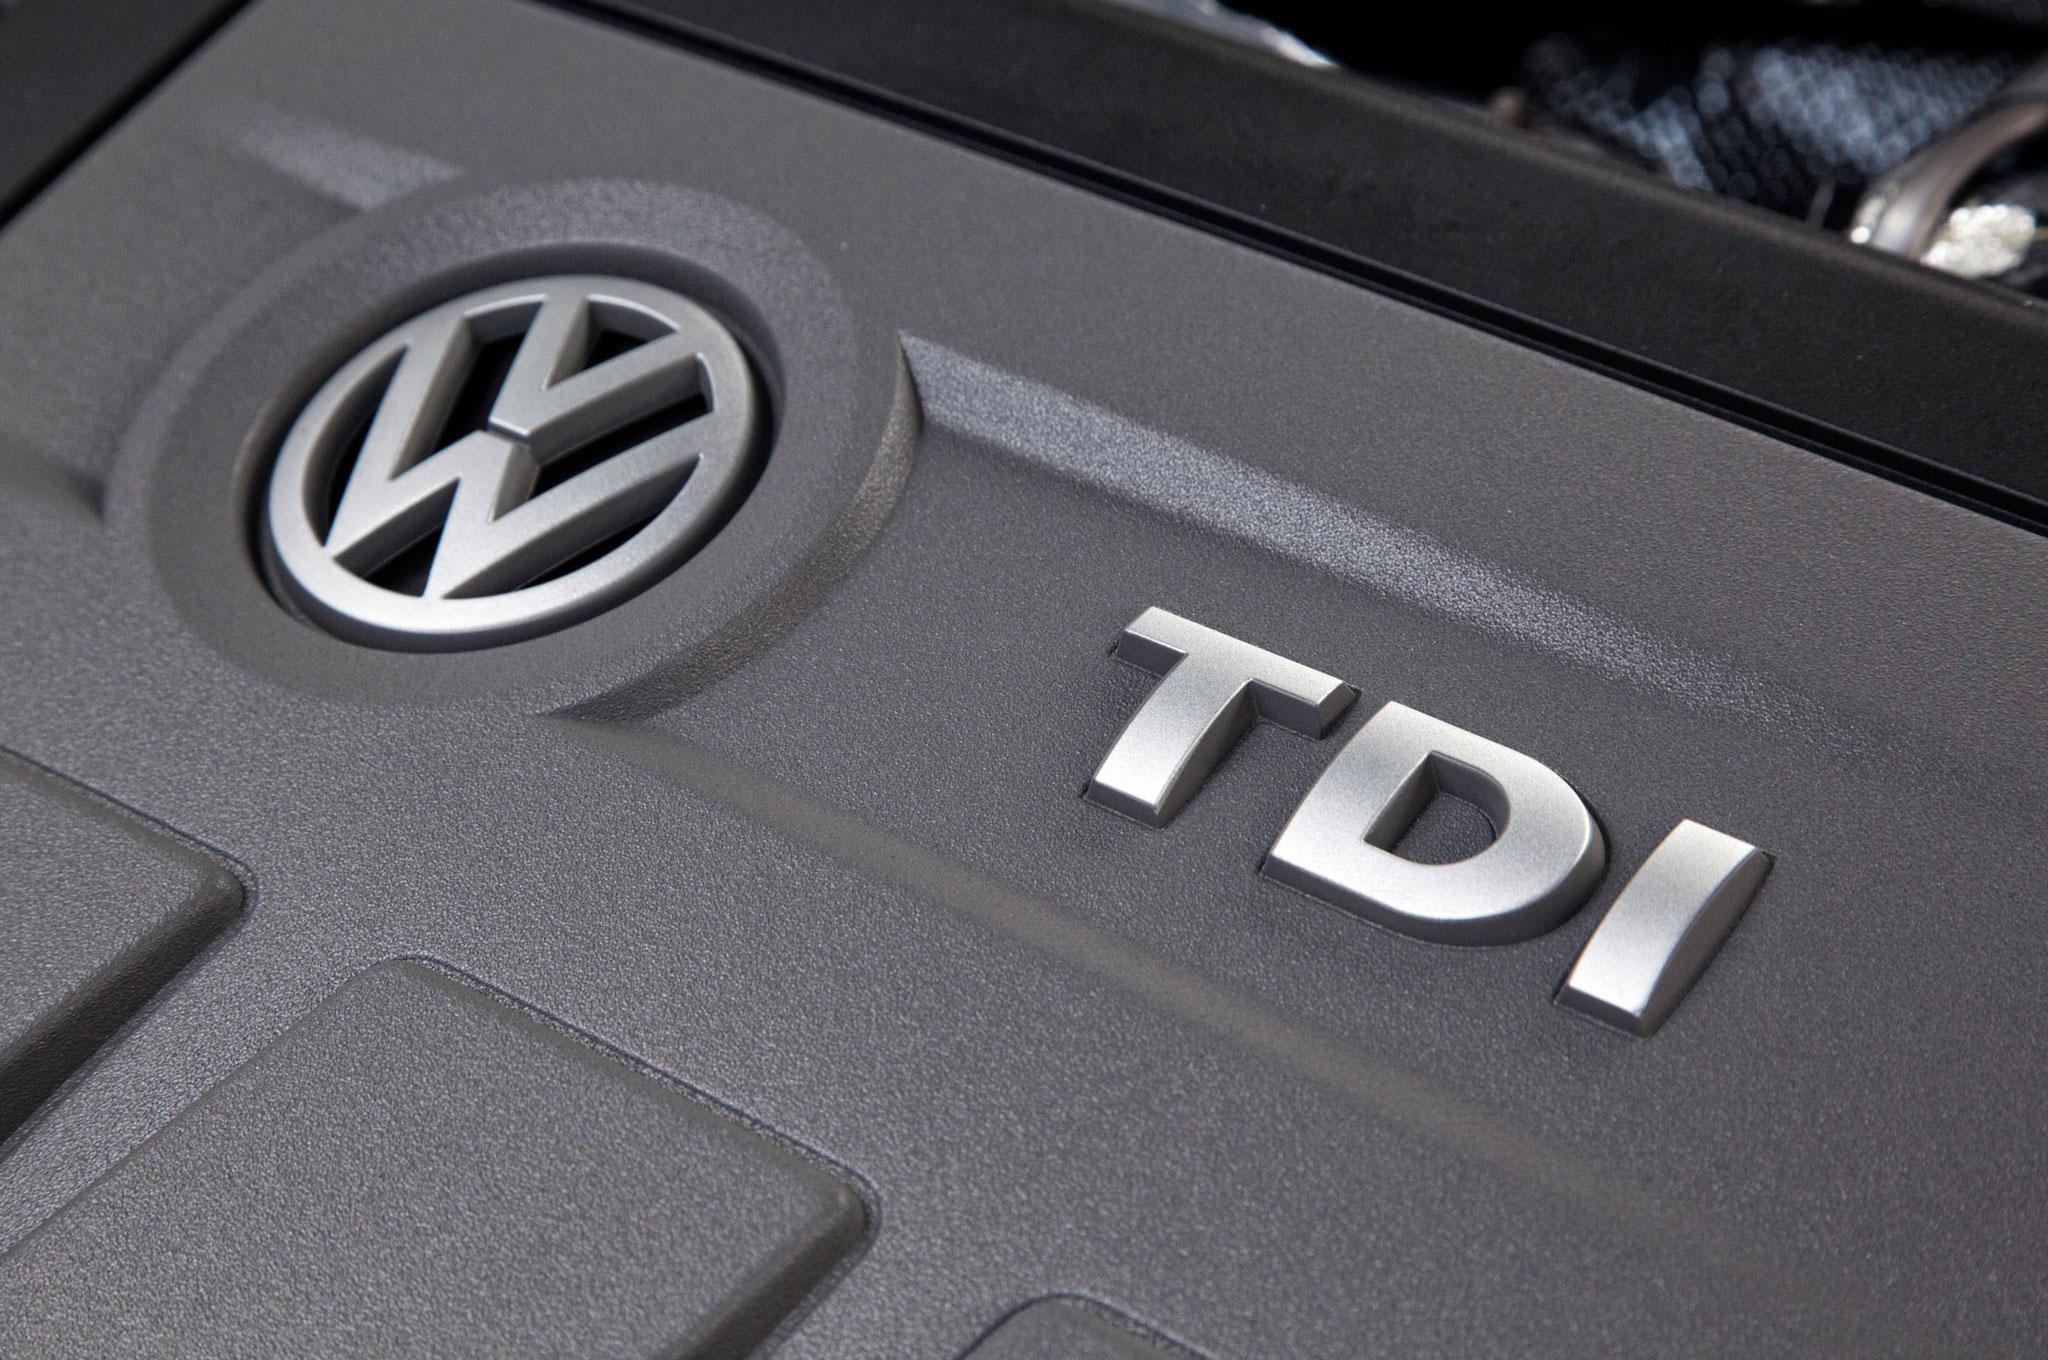 tdi-logo-vw